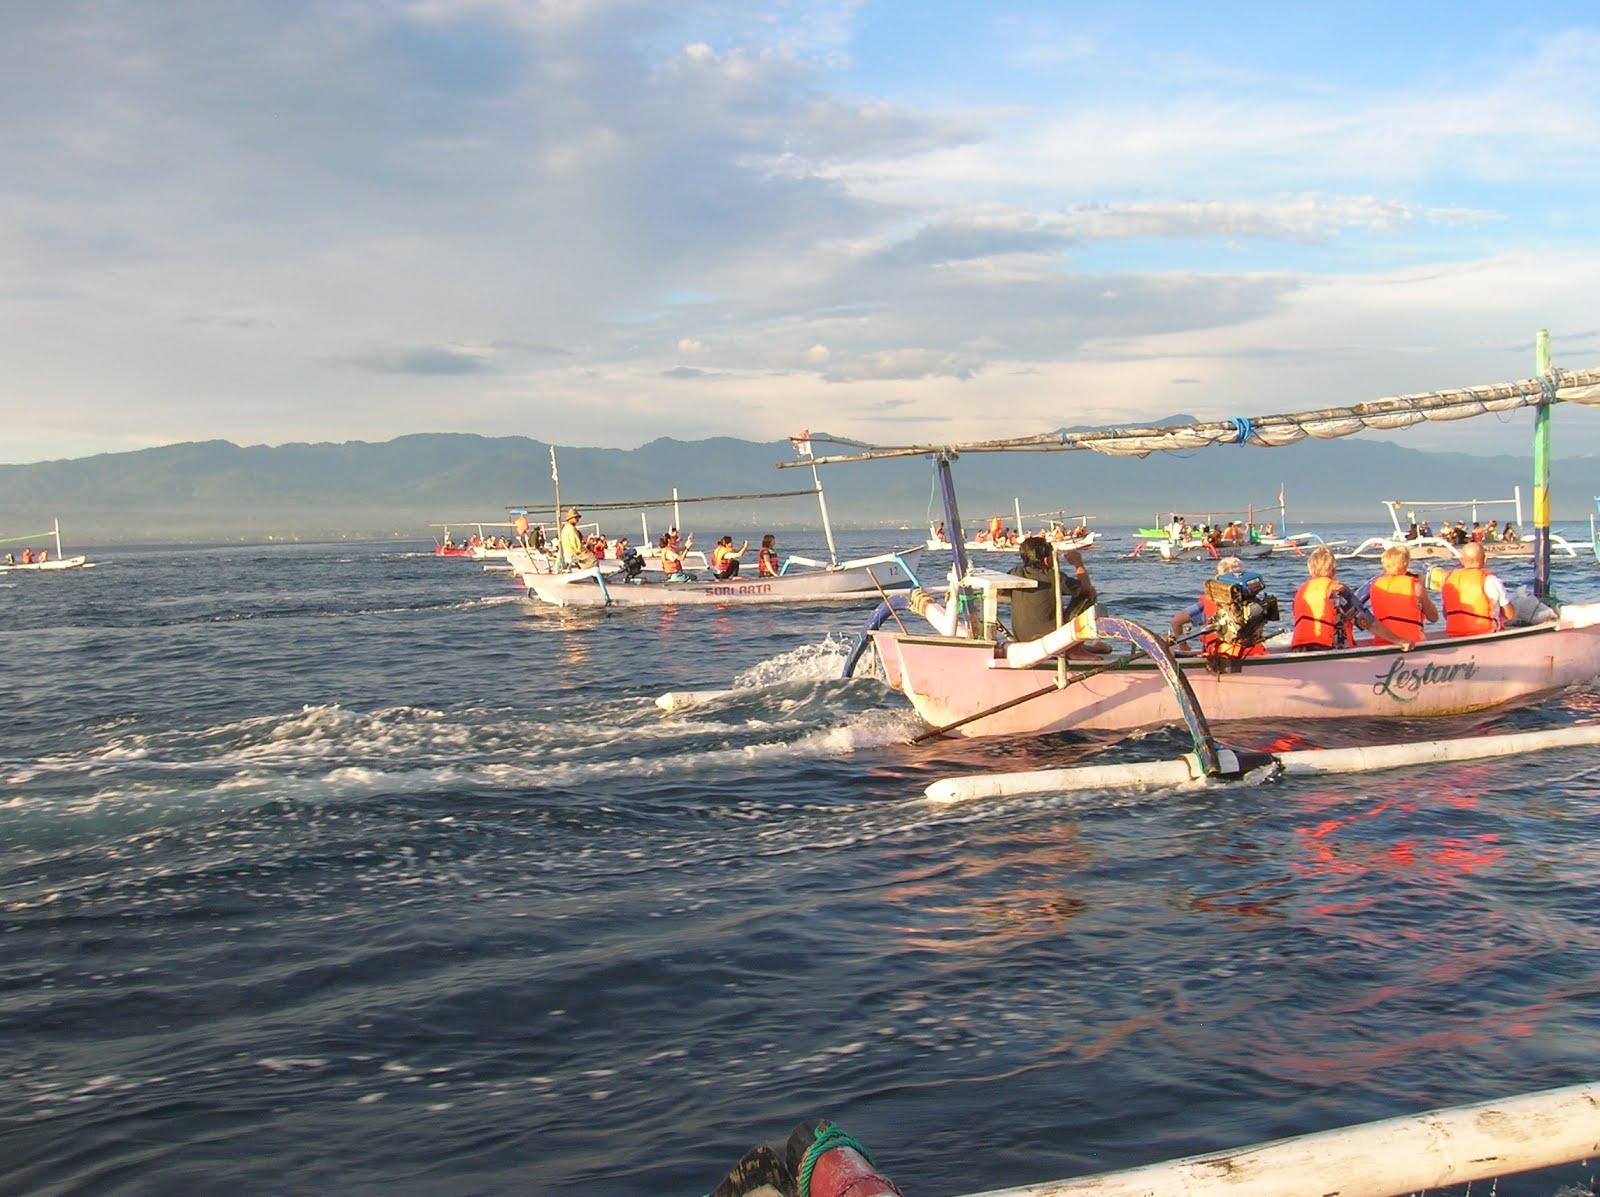 Excursión delfines, Lovina, Isla de Bali,Indonesia, vuelta al mundo, round the world, La vuelta al mundo de Asun y Ricardo